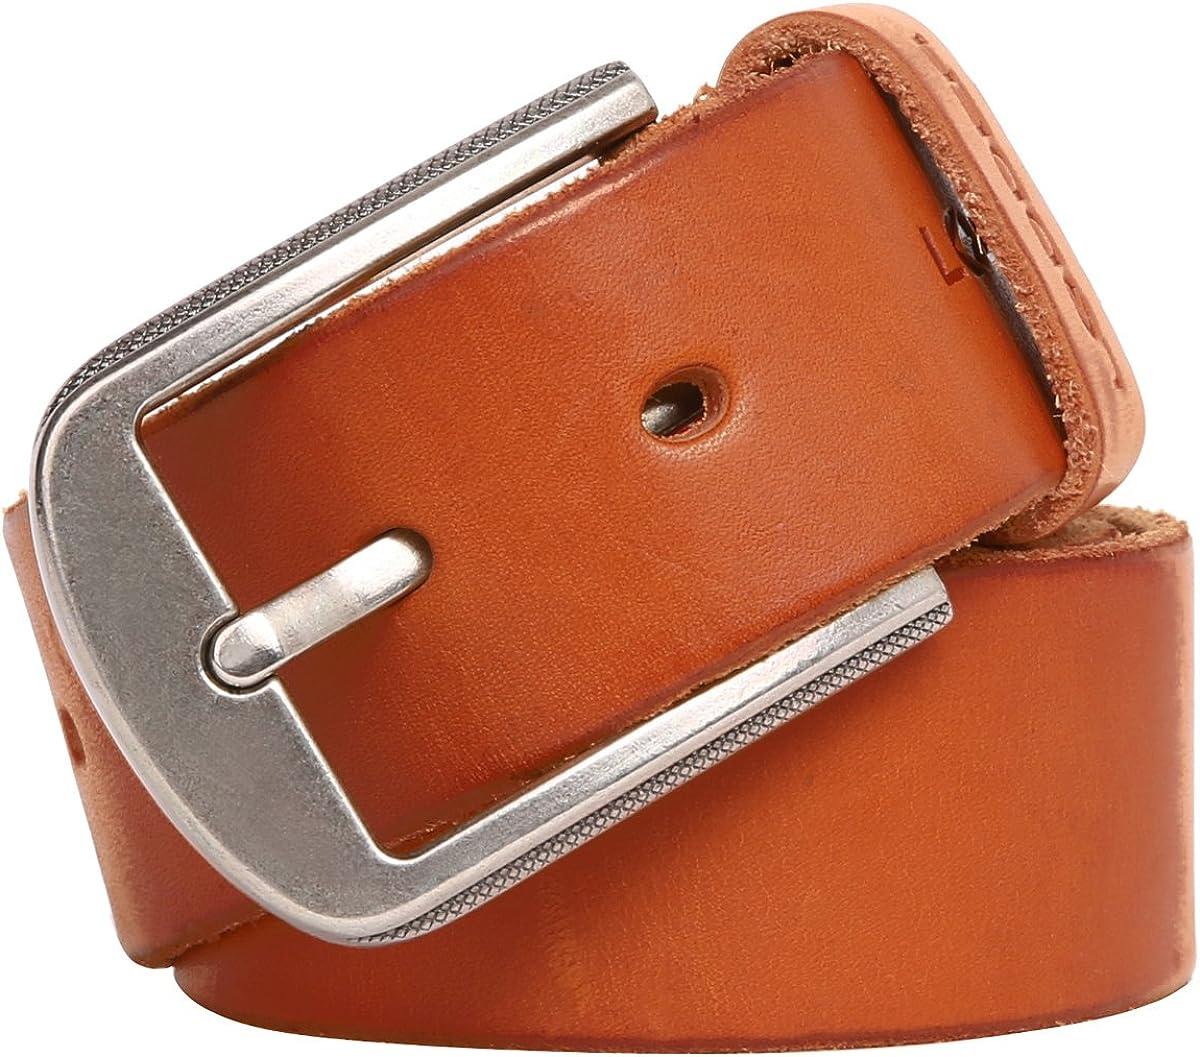 Taschland Cinturón Cuero Genuino para Hombres/caballero con Hebilla Metal